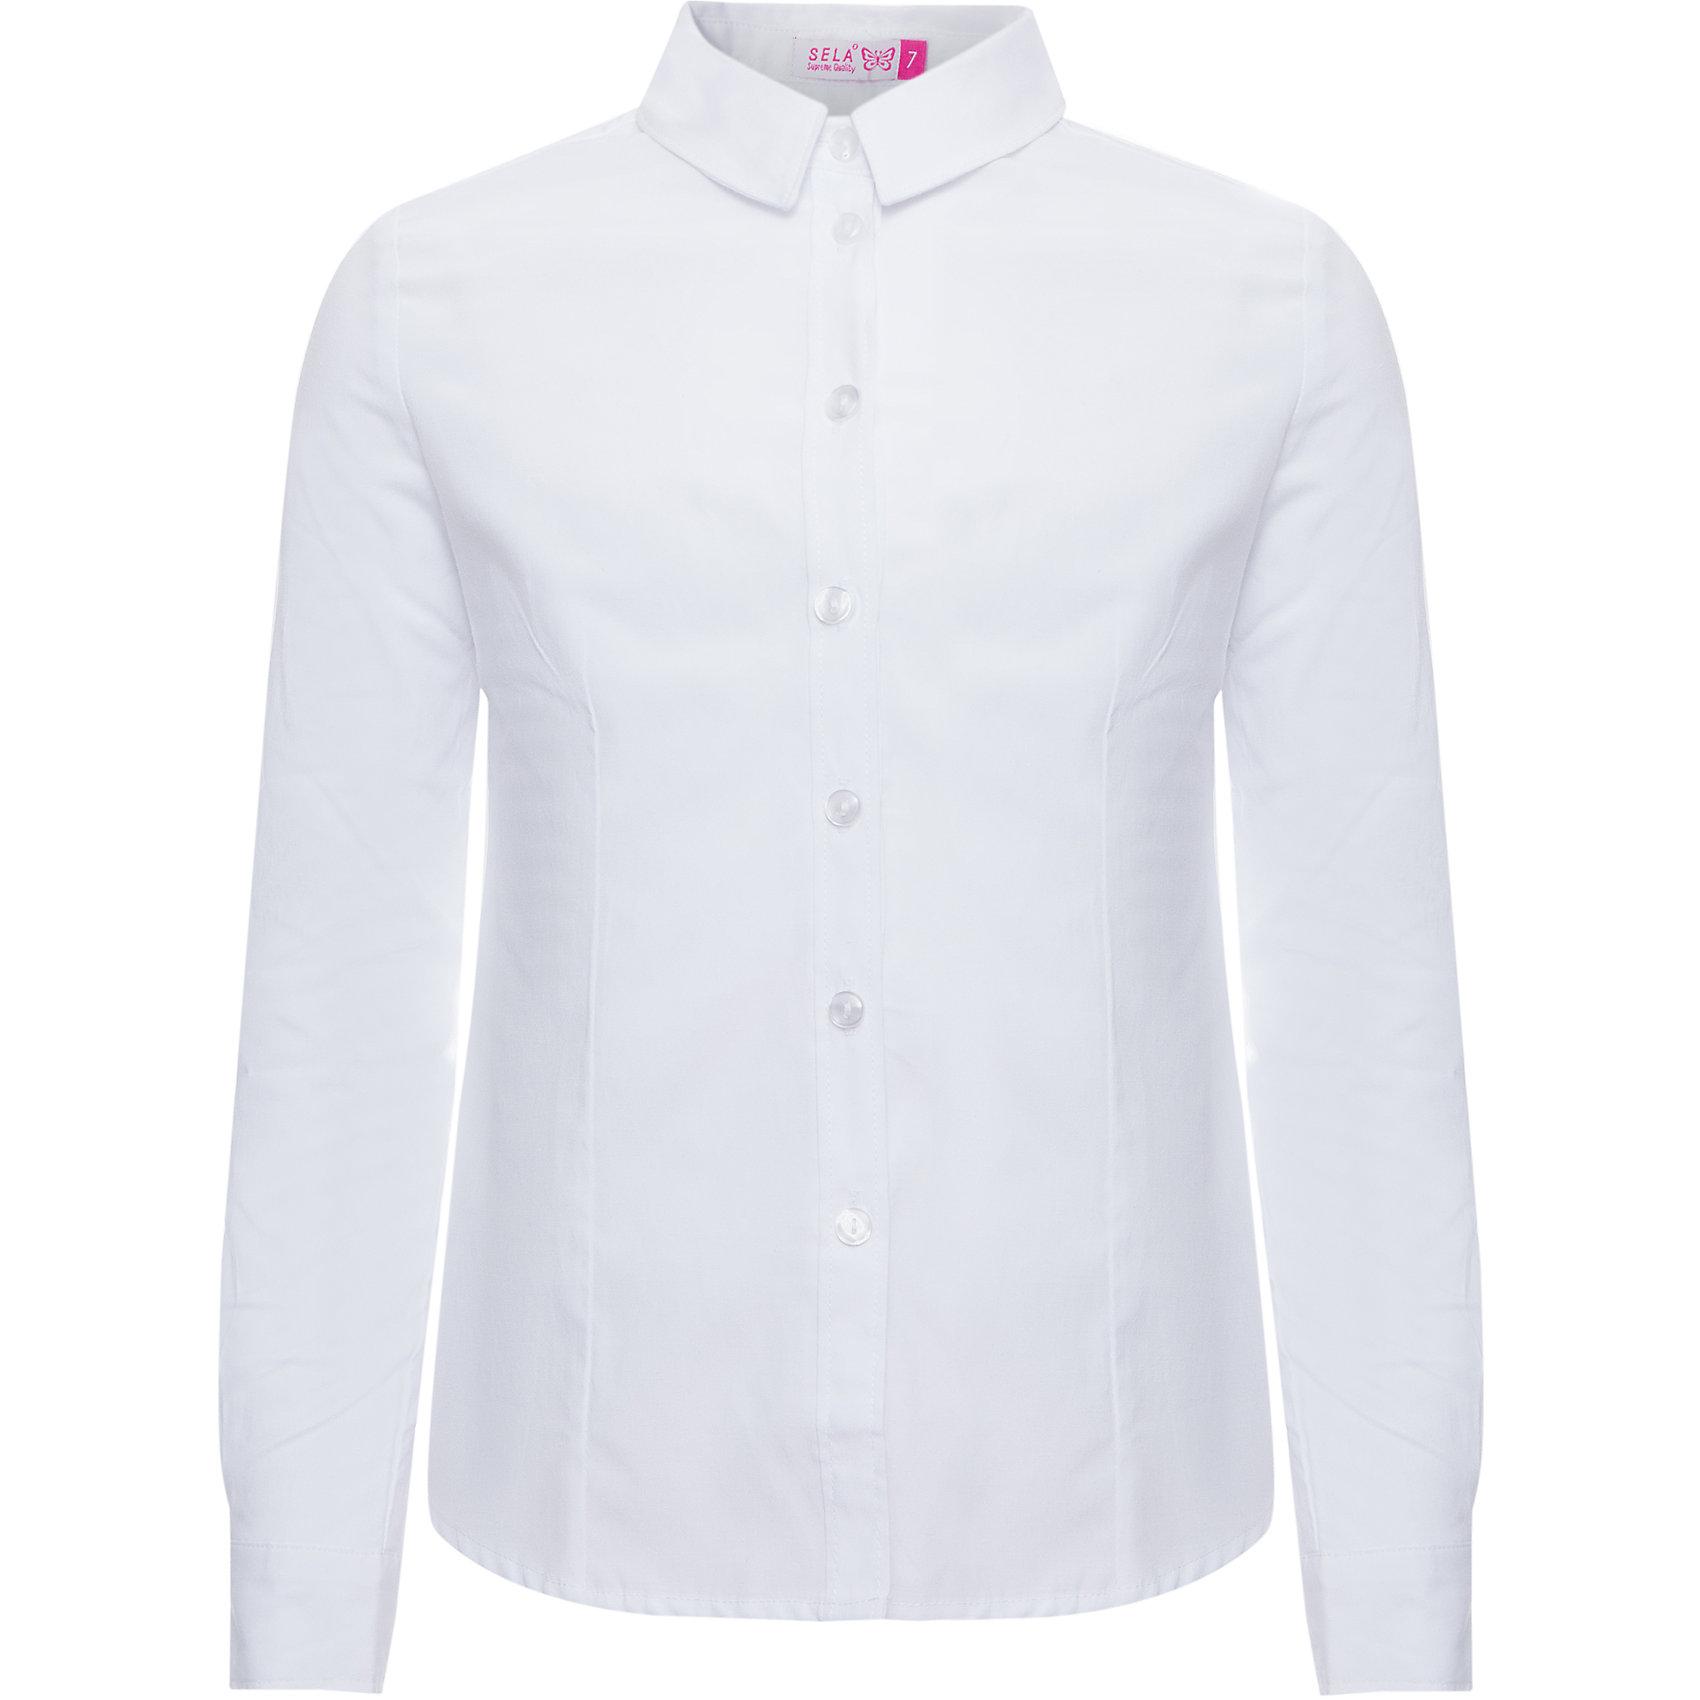 Блуза SELA для девочкиБлузки и рубашки<br>Характеристики товара:<br><br>• цвет: белый<br>• состав ткани: 55% хлопок, 45% полиэстер<br>• сезон: демисезон<br>• особенности модели: школьная, нарядная<br>• застежка: пуговицы<br>• длинные рукава<br>• страна бренда: Россия<br>• страна производства: Китай<br><br>Блузка для девочки отличается классическим дизайном. Белая блуза для девочки - базовая вещь для гардероба. Такая блуза для ребенка сшита из легкого хлопкового материала. Модели от Sela стильные и удобные, как и эта детская рубашка с длинным рукавом. <br><br>Блузу для девочки Sela (Села) можно купить в нашем интернет-магазине.<br><br>Ширина мм: 186<br>Глубина мм: 87<br>Высота мм: 198<br>Вес г: 197<br>Цвет: белый<br>Возраст от месяцев: 156<br>Возраст до месяцев: 168<br>Пол: Женский<br>Возраст: Детский<br>Размер: 164,122,128,134,140,146,152<br>SKU: 7032248